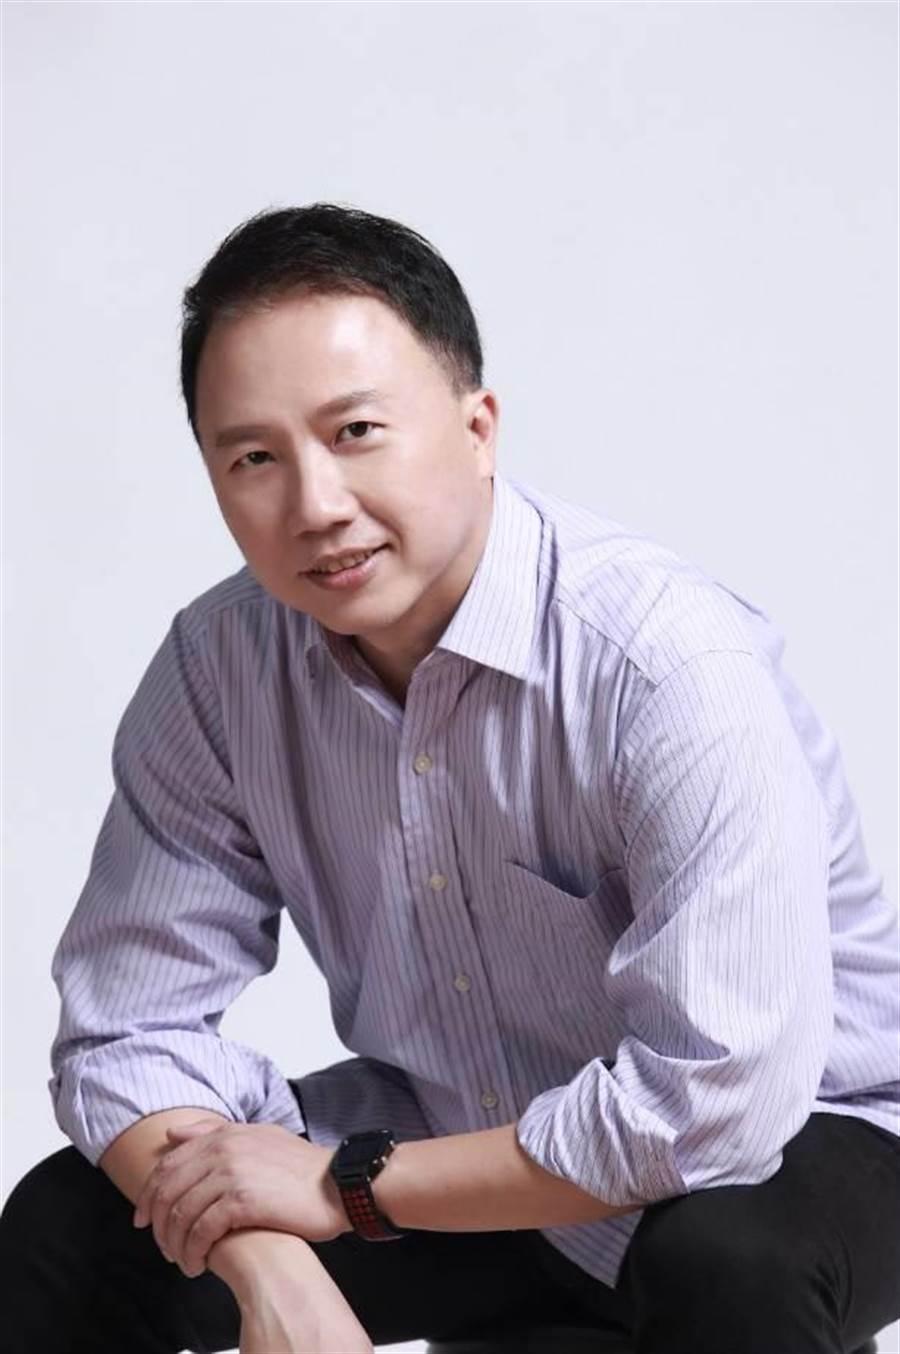 楊俊元原是公司法務長,經過「東森學院」多年訓練畢業。(圖/東森購物提供)